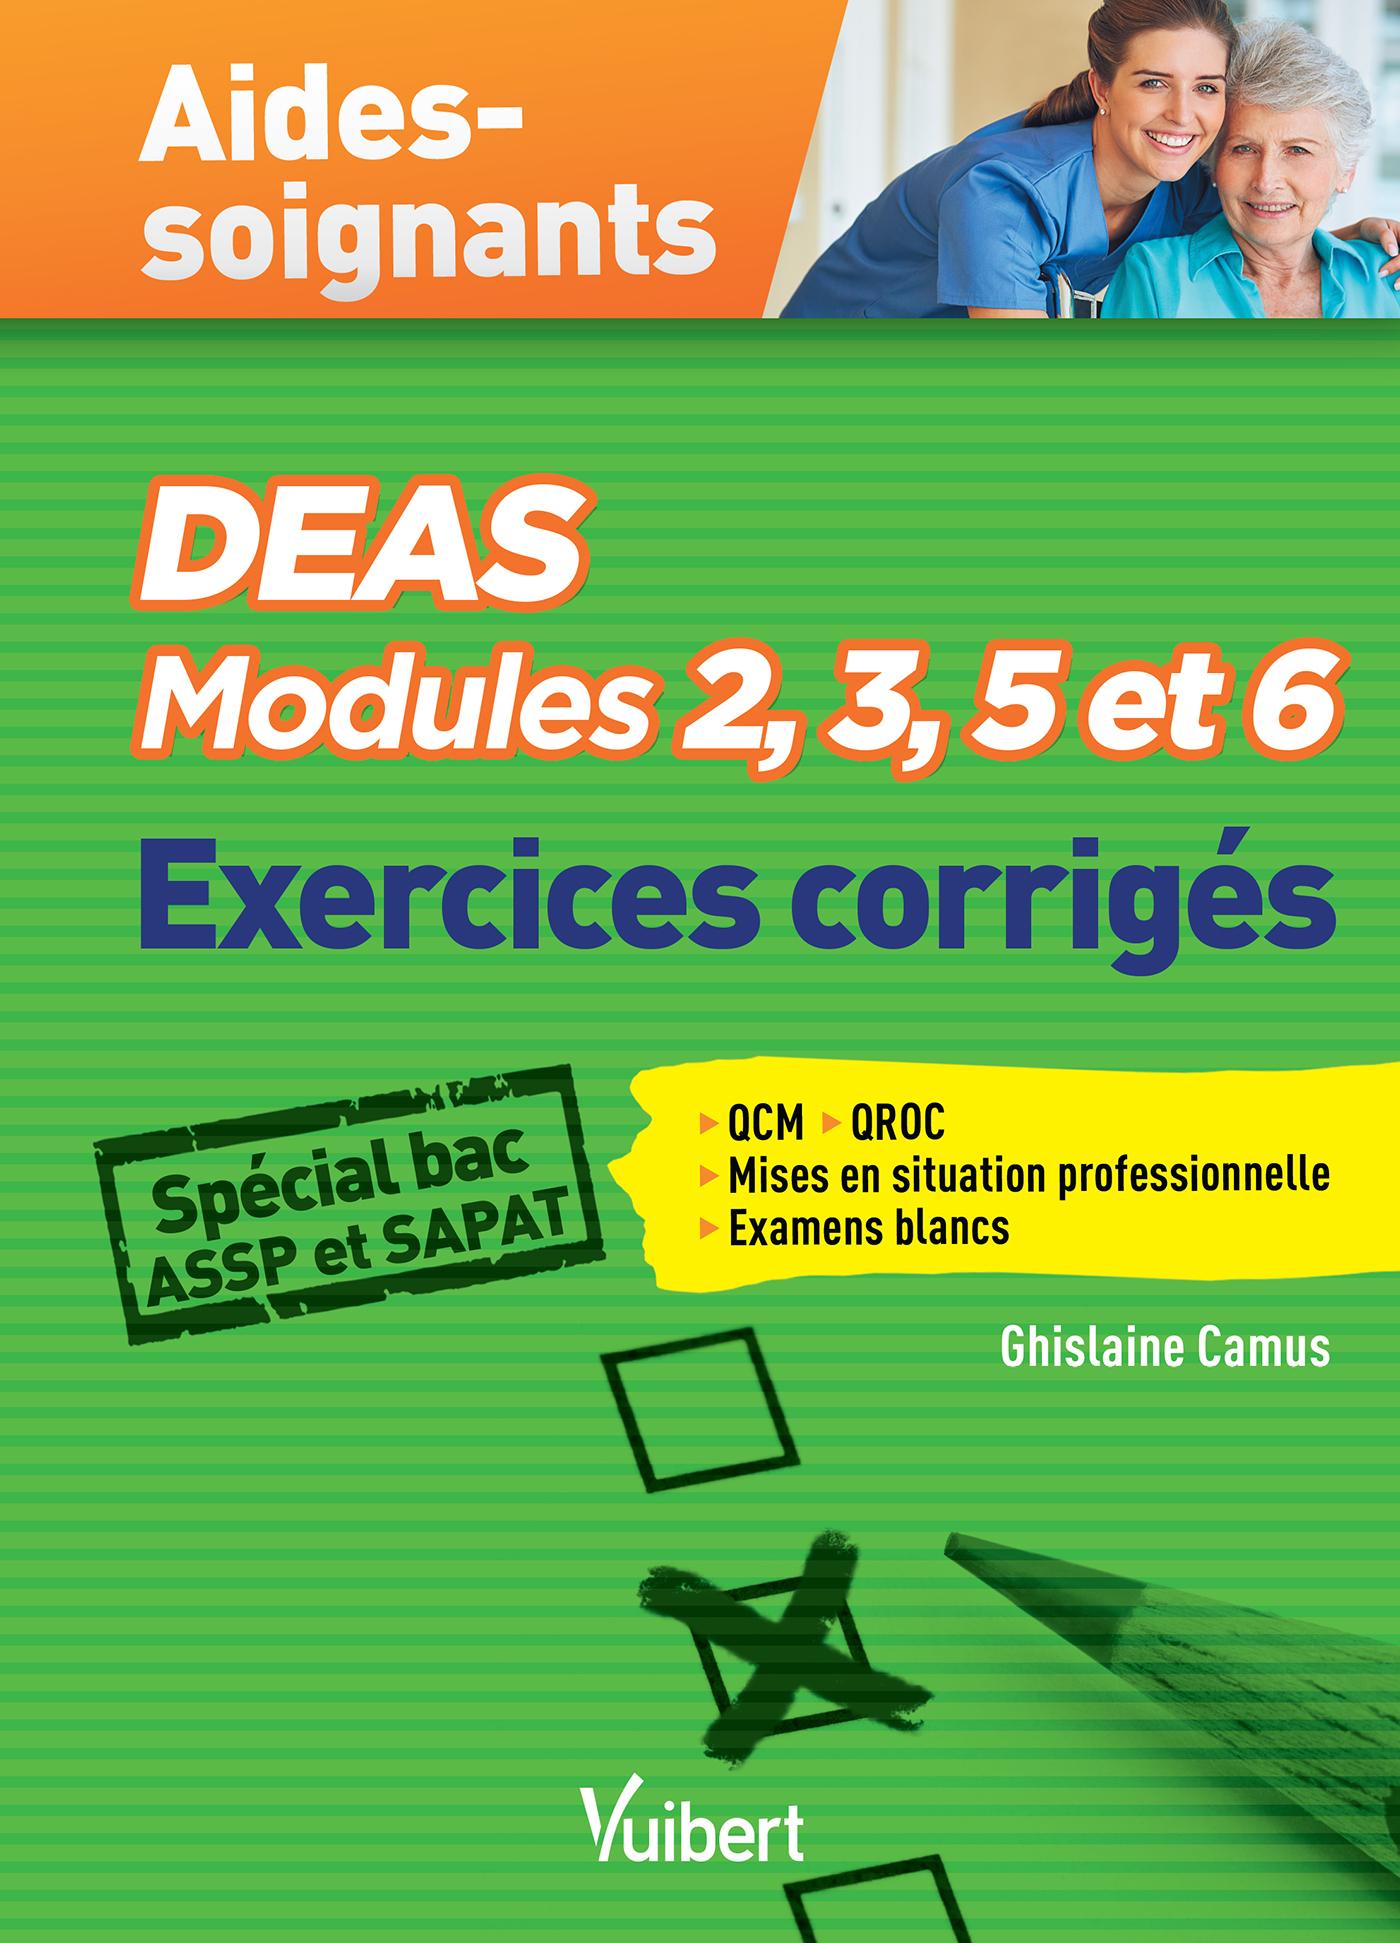 DEAS MODULES 2 3 5 ET 6 EXERCICES CORRIGES